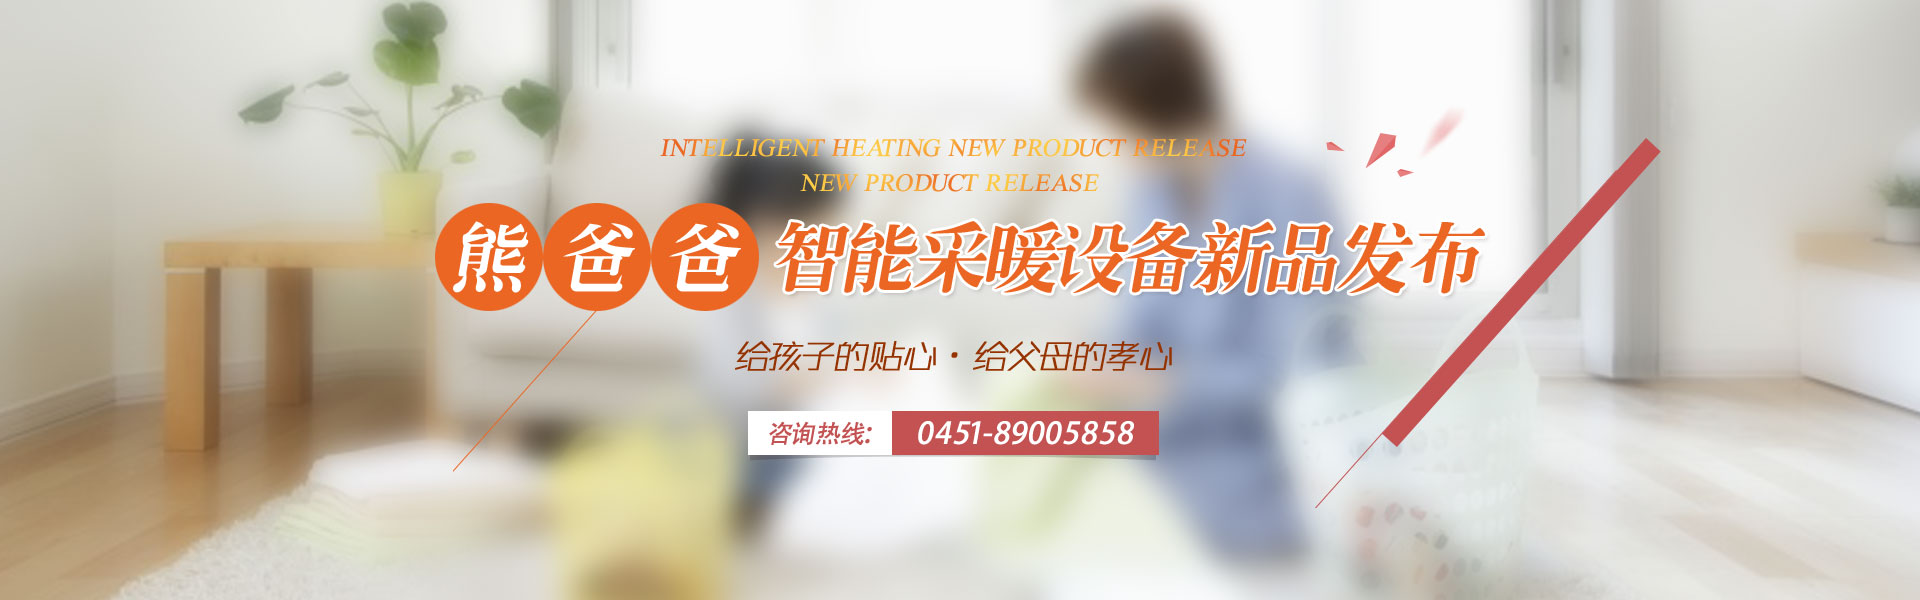 哈尔滨市香坊区熊爸爸智能采暖设备经销处